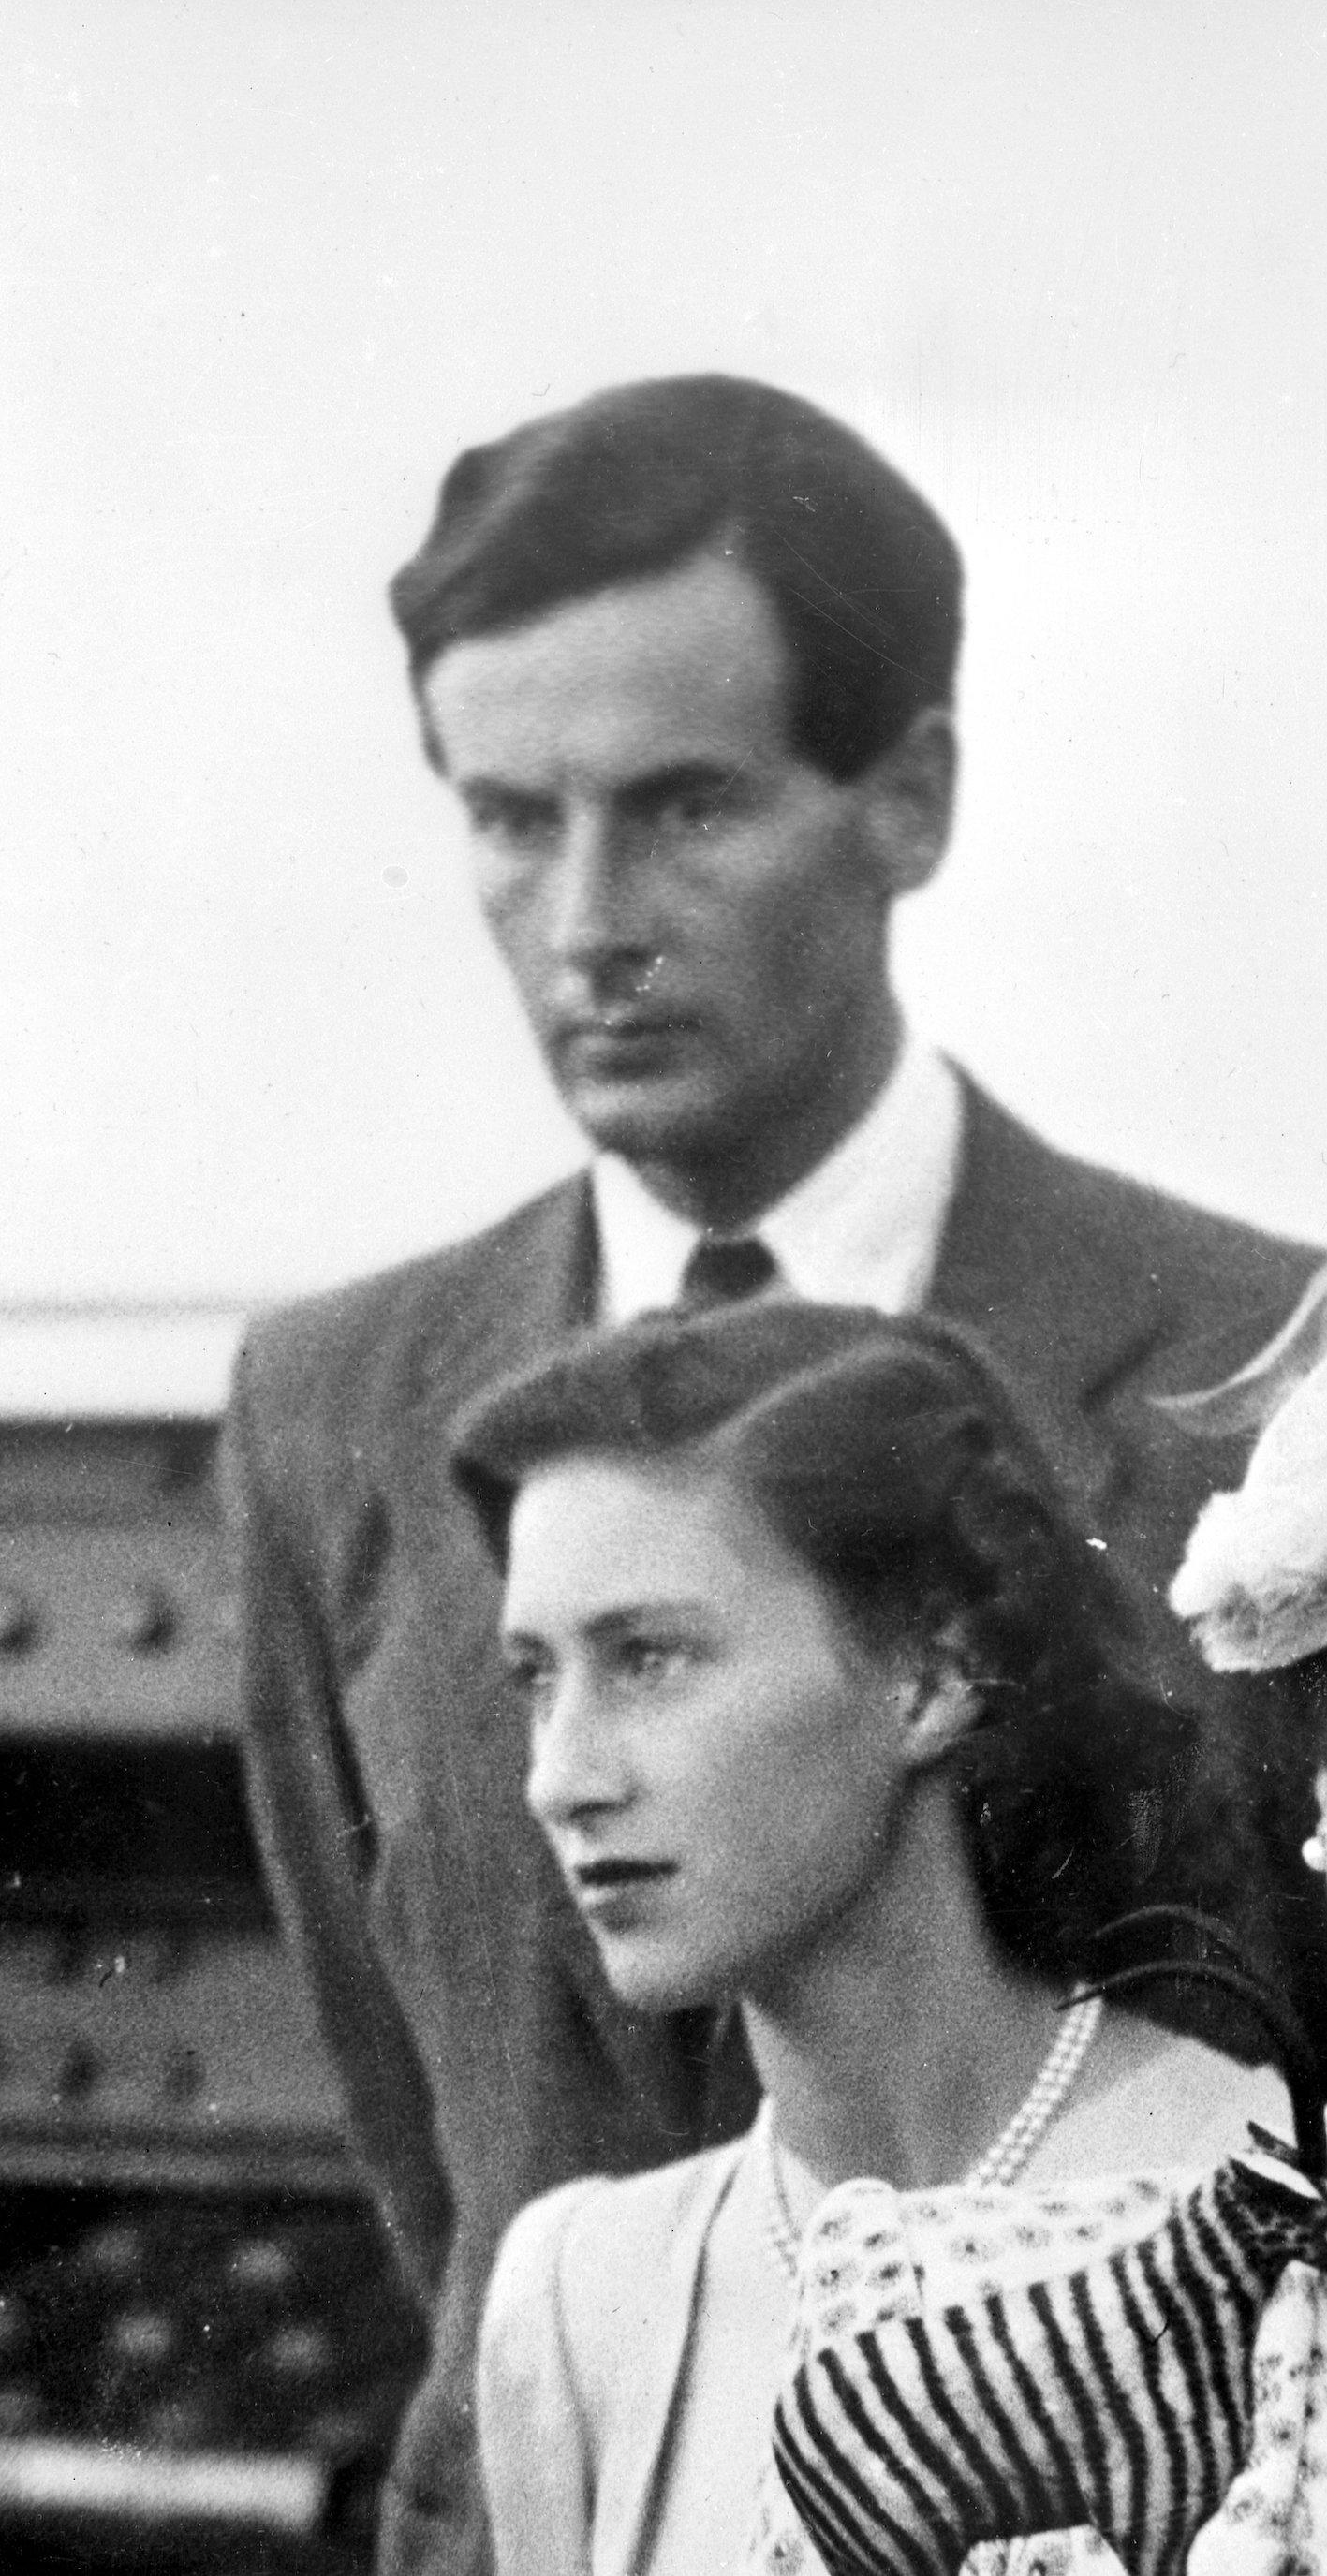 Prinzessin Margaret wollte Peter Townsend heiraten, doch ihre Liebe stieß auf Widerstände. © United Archives